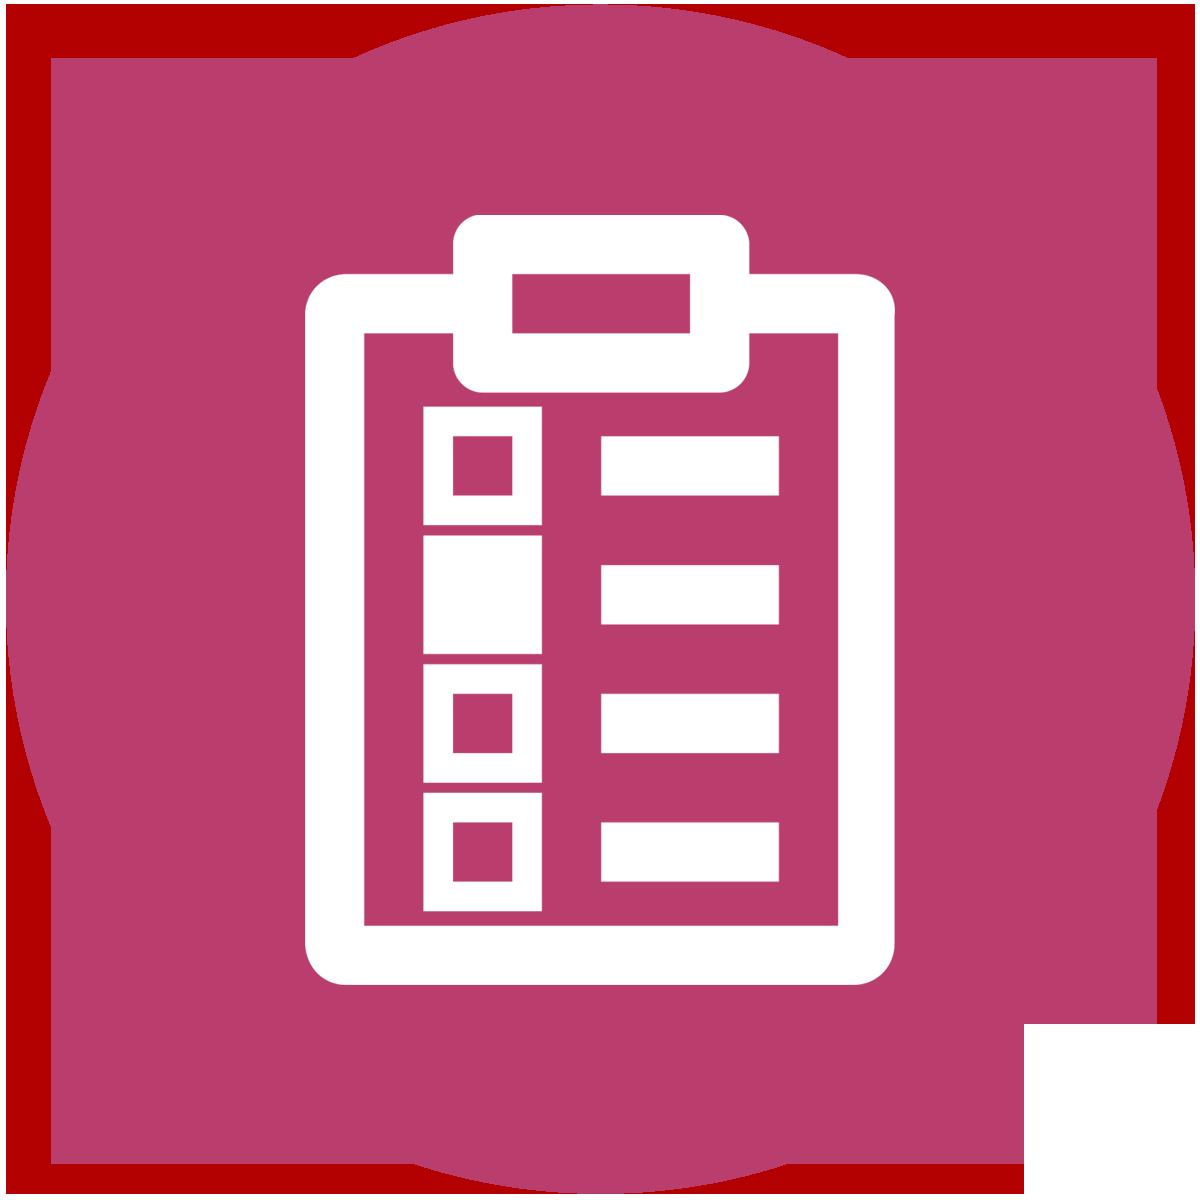 Link to Member Profiling Tool